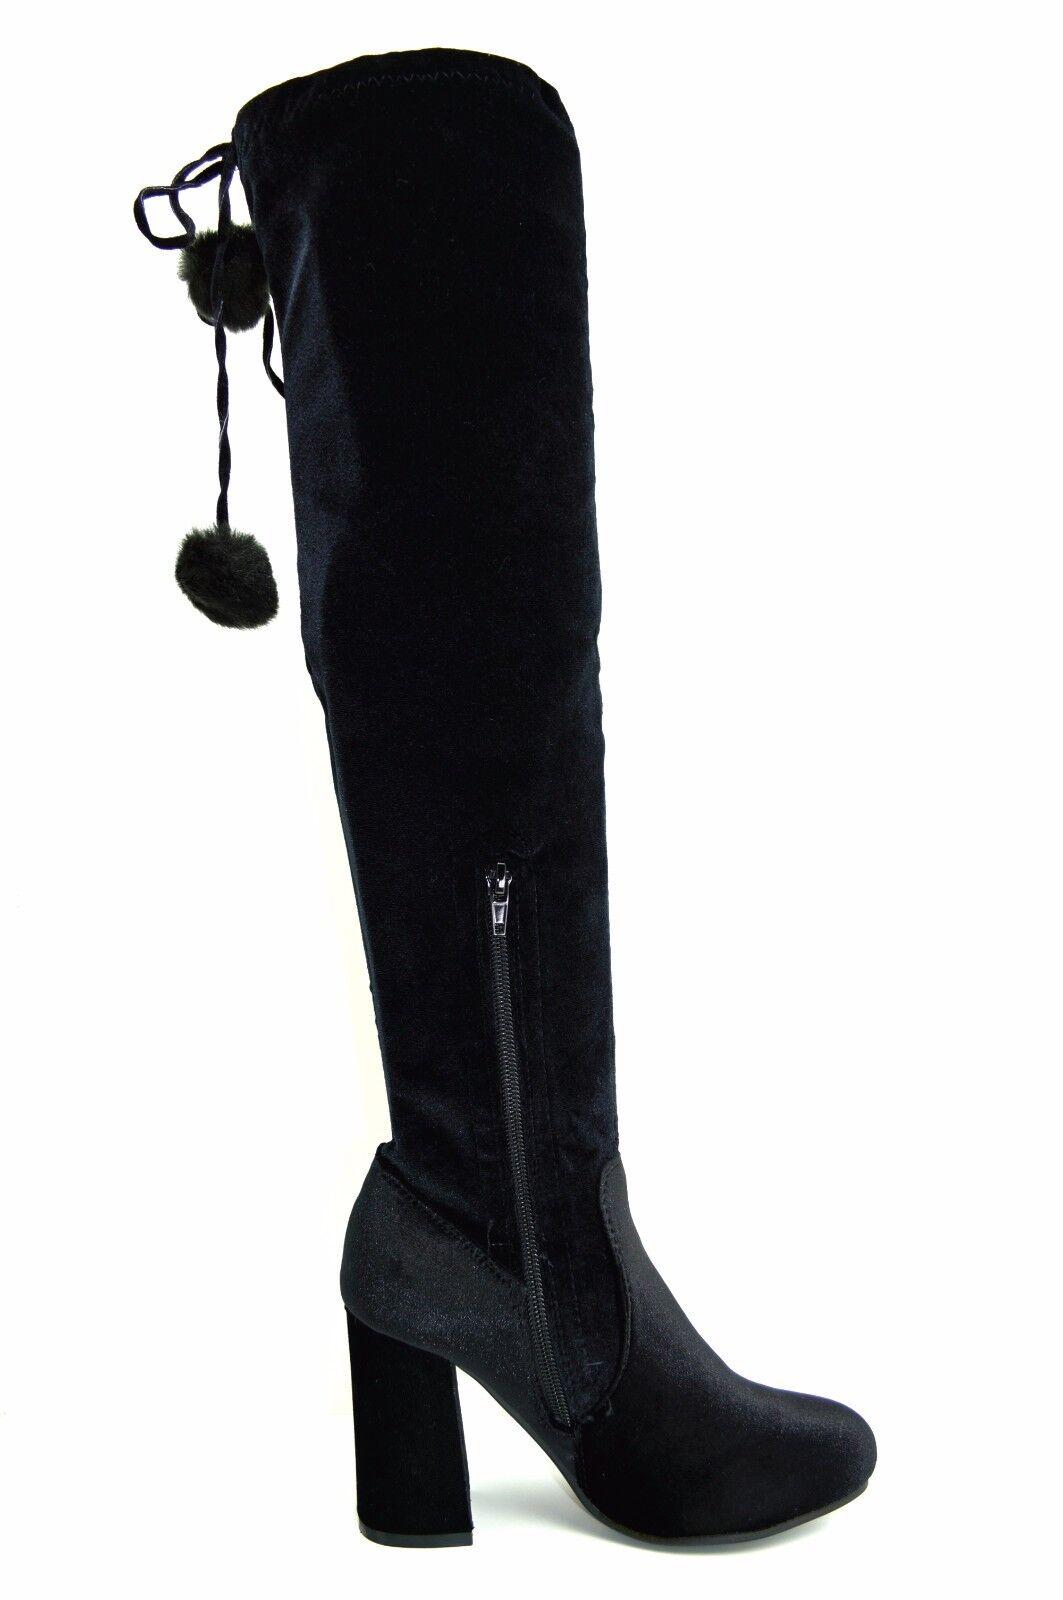 Dettagli su Stivali donna tacco alto elasticizzati velluto ciniglia neri ginocchio invernali